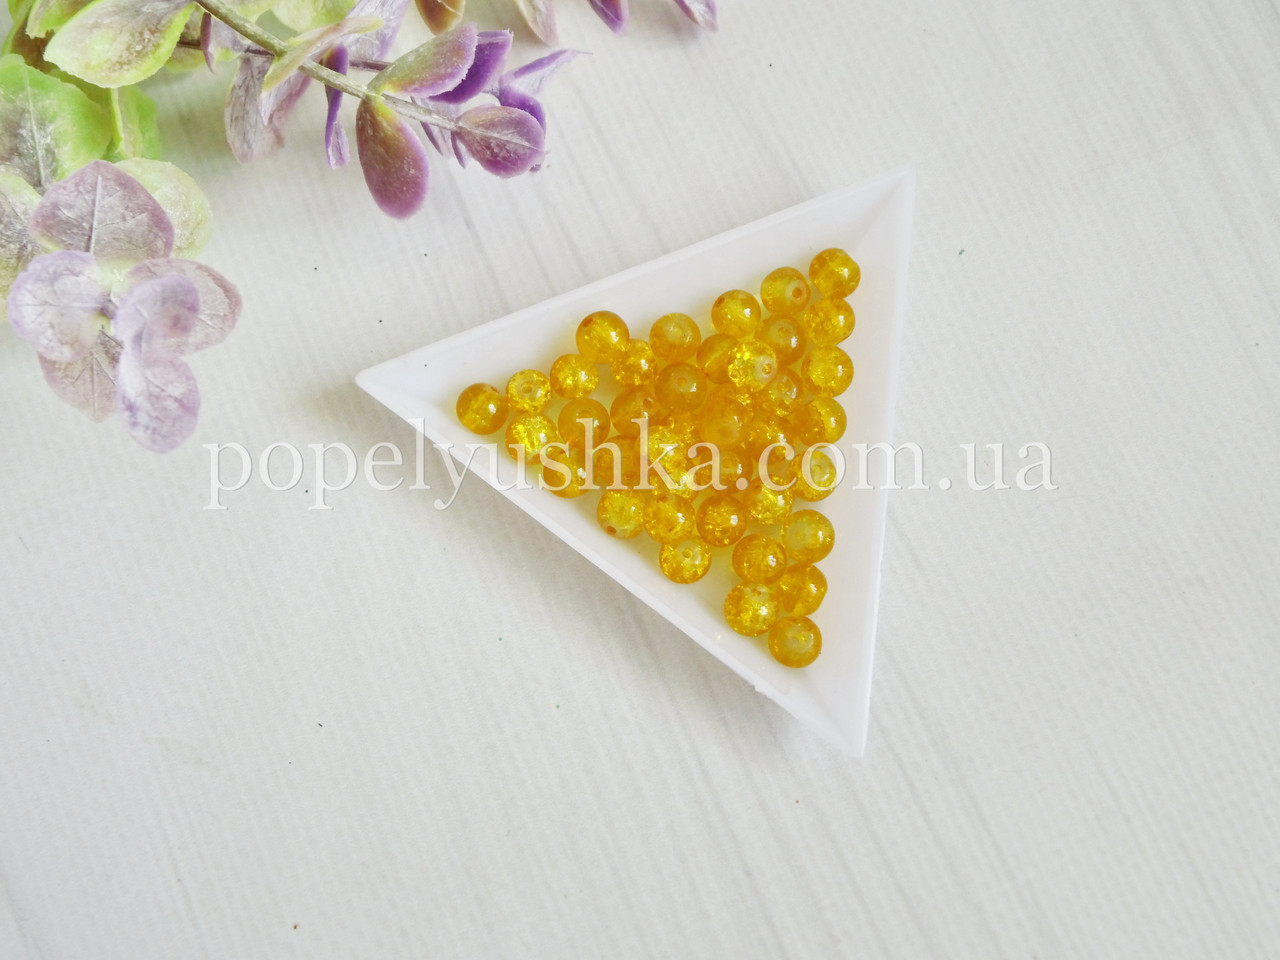 Намистини 6 мм жовті (20 шт.)